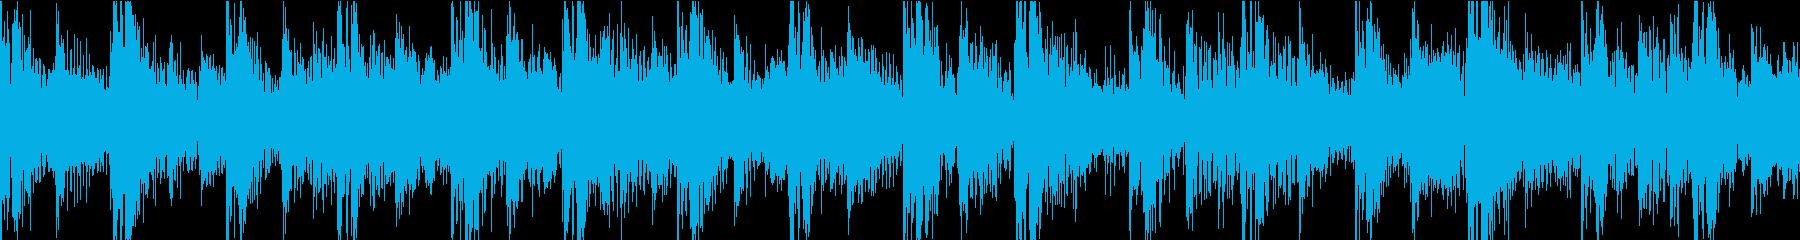 ファンキーなハウスビートとシンセア...の再生済みの波形